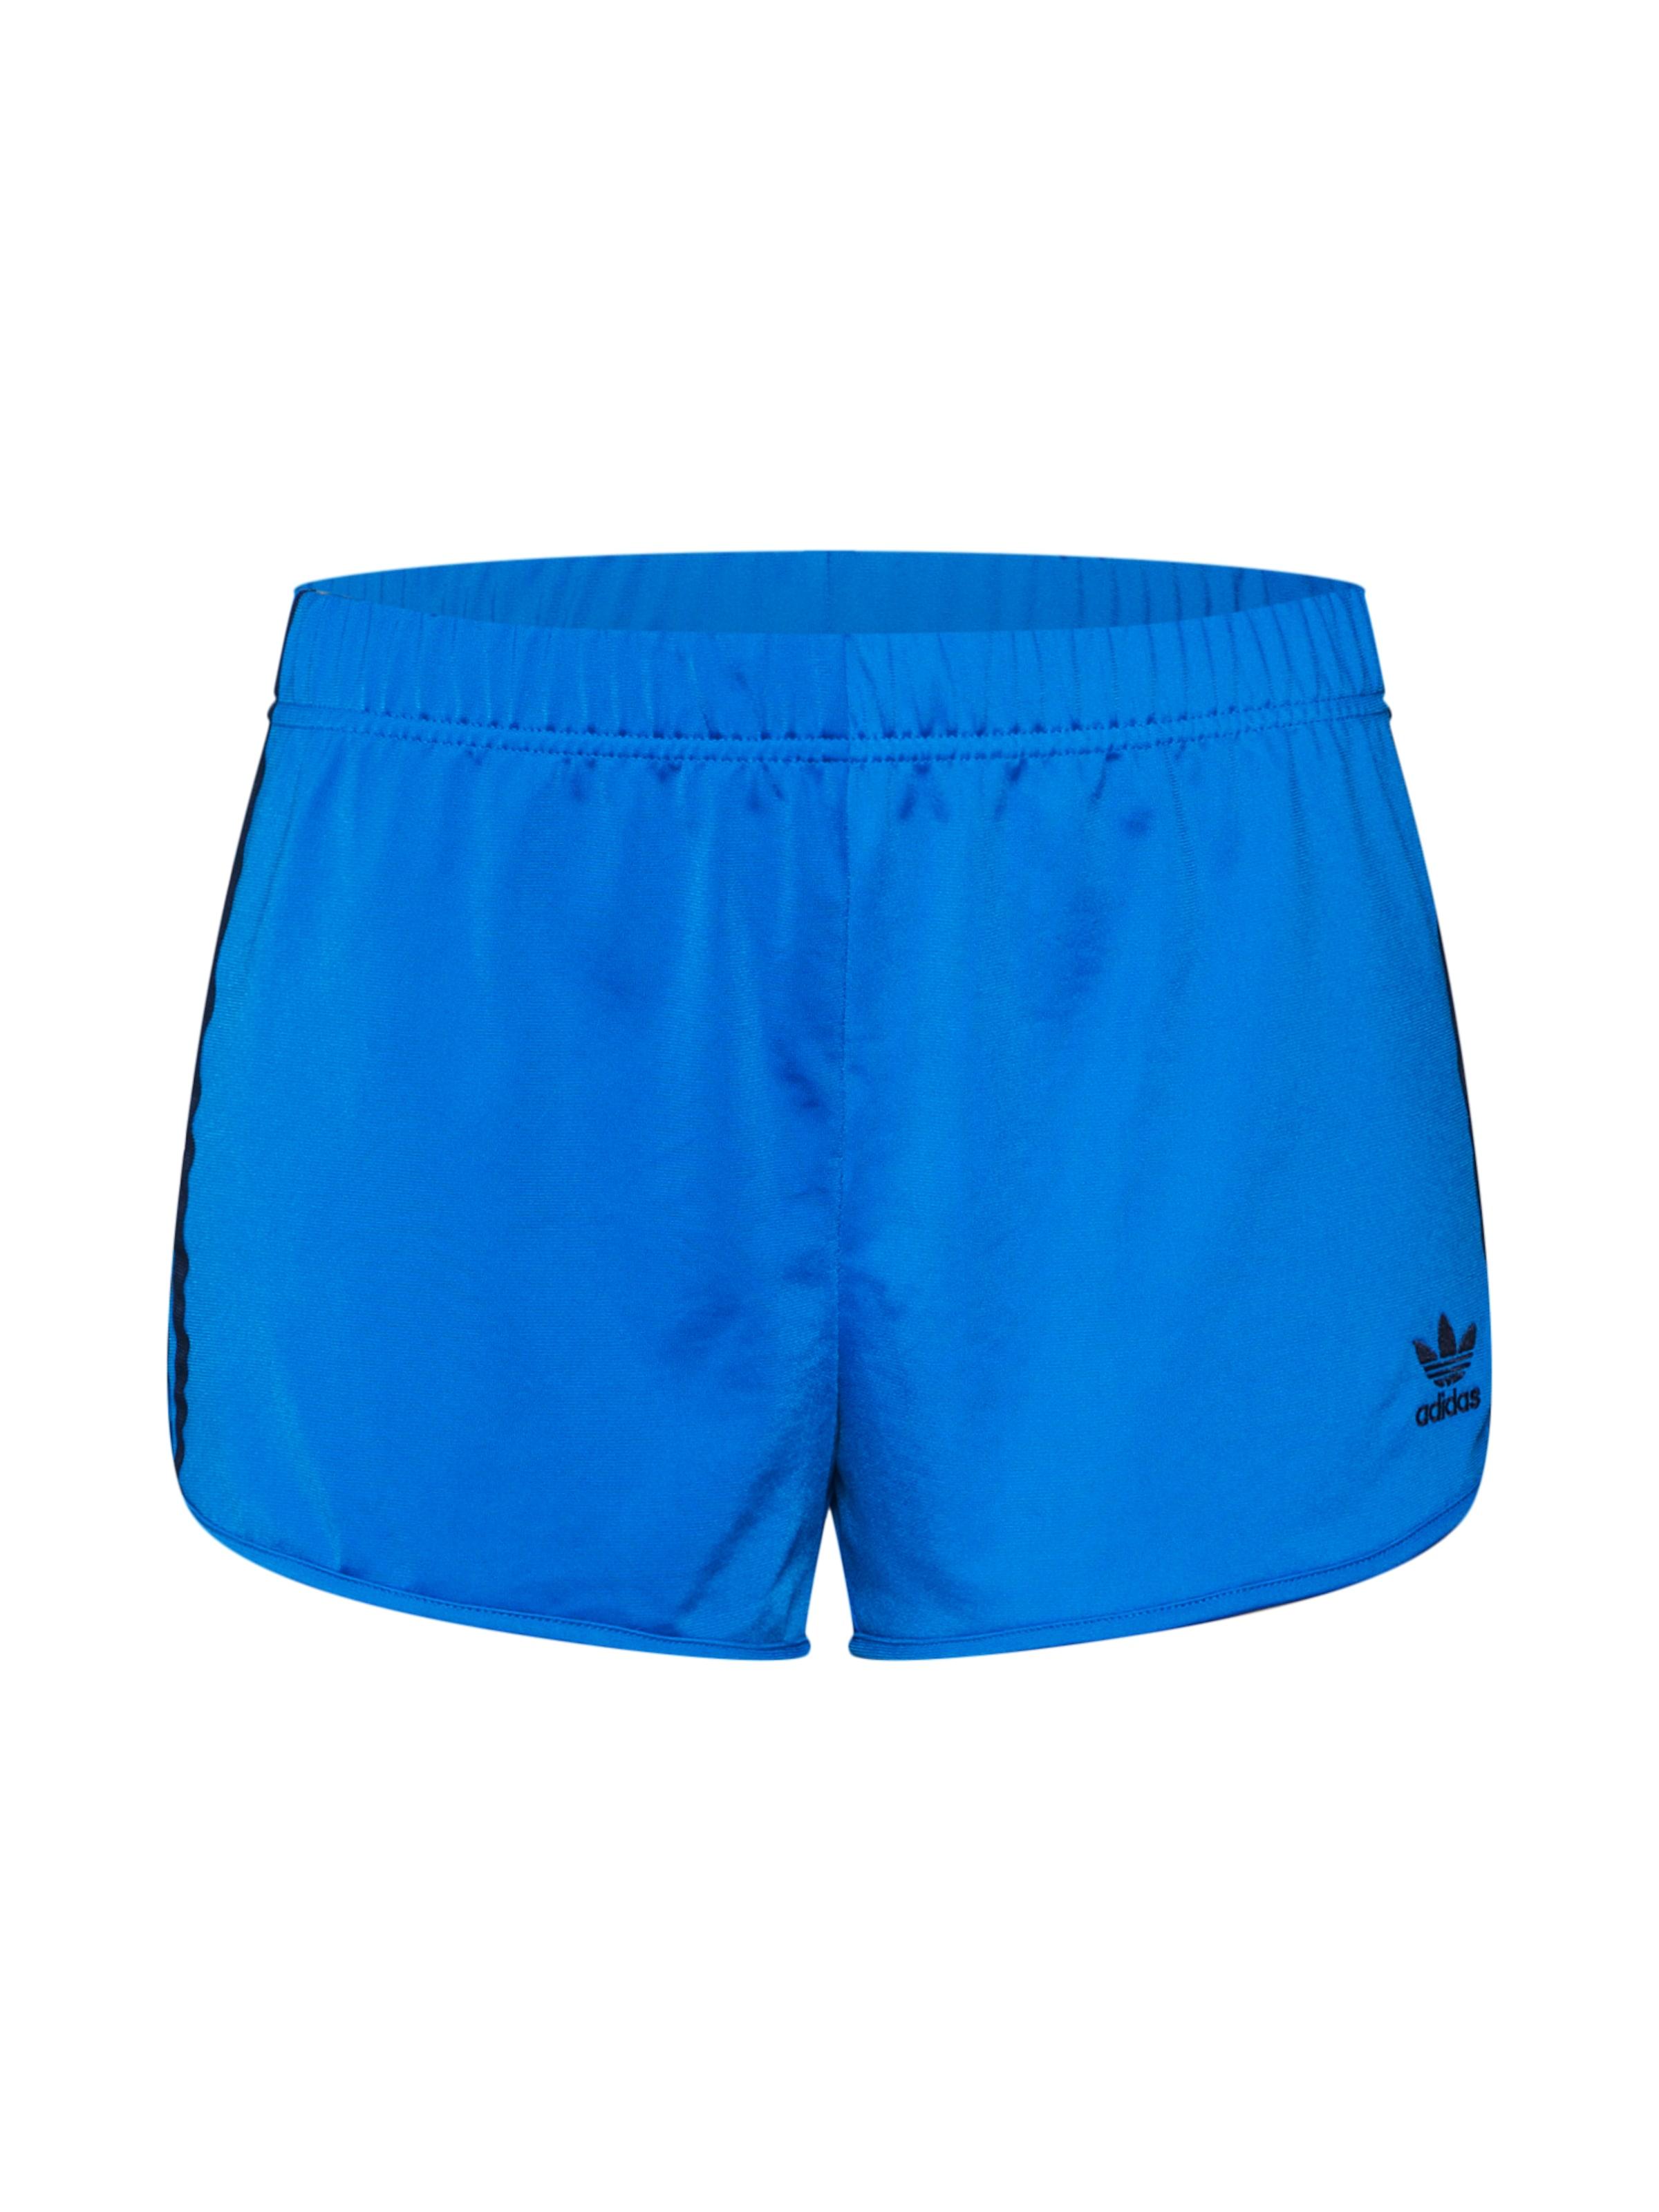 Originals Adidas Originals Bleu Pantalon En Adidas Bleu Adidas Pantalon En Originals ZXwPuTOkil